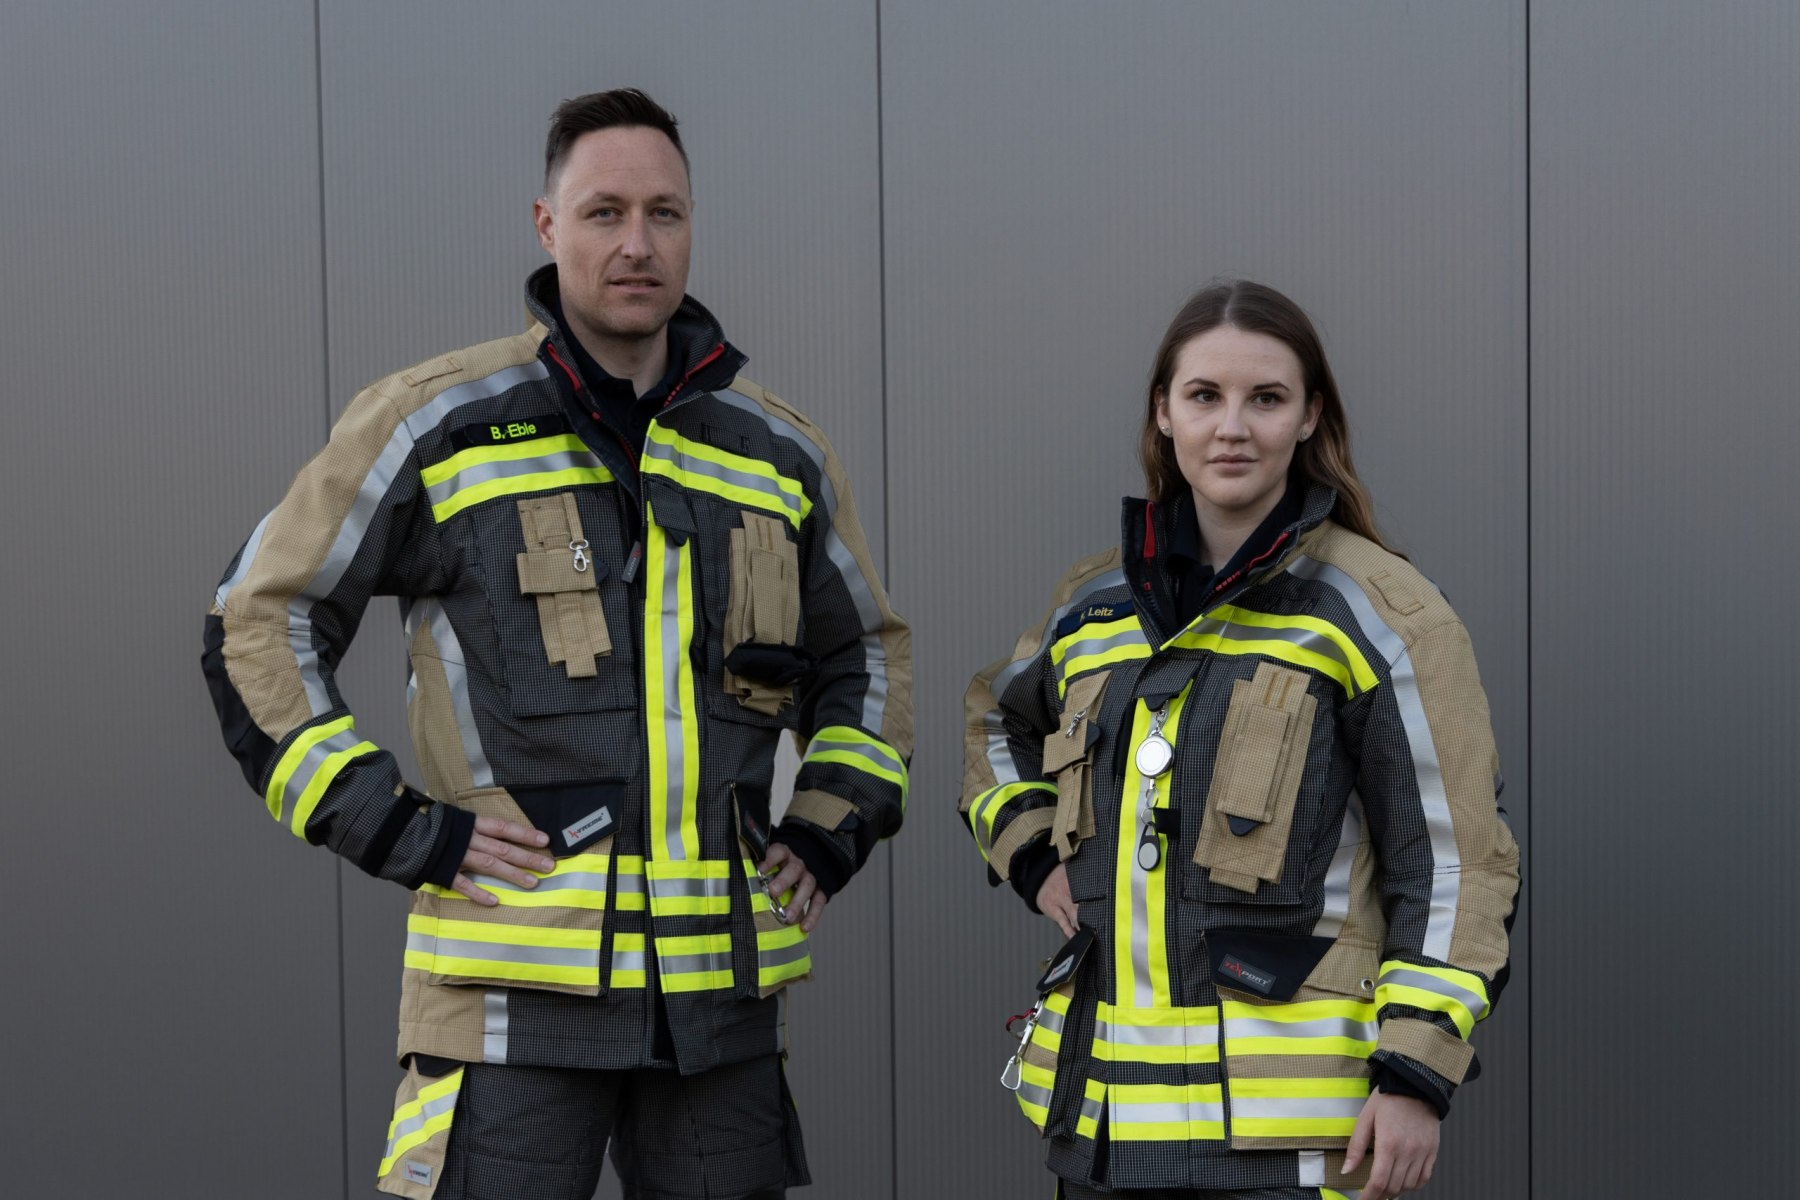 Die neue Einsatzkleidung der Feuerwehr Neckarsulm